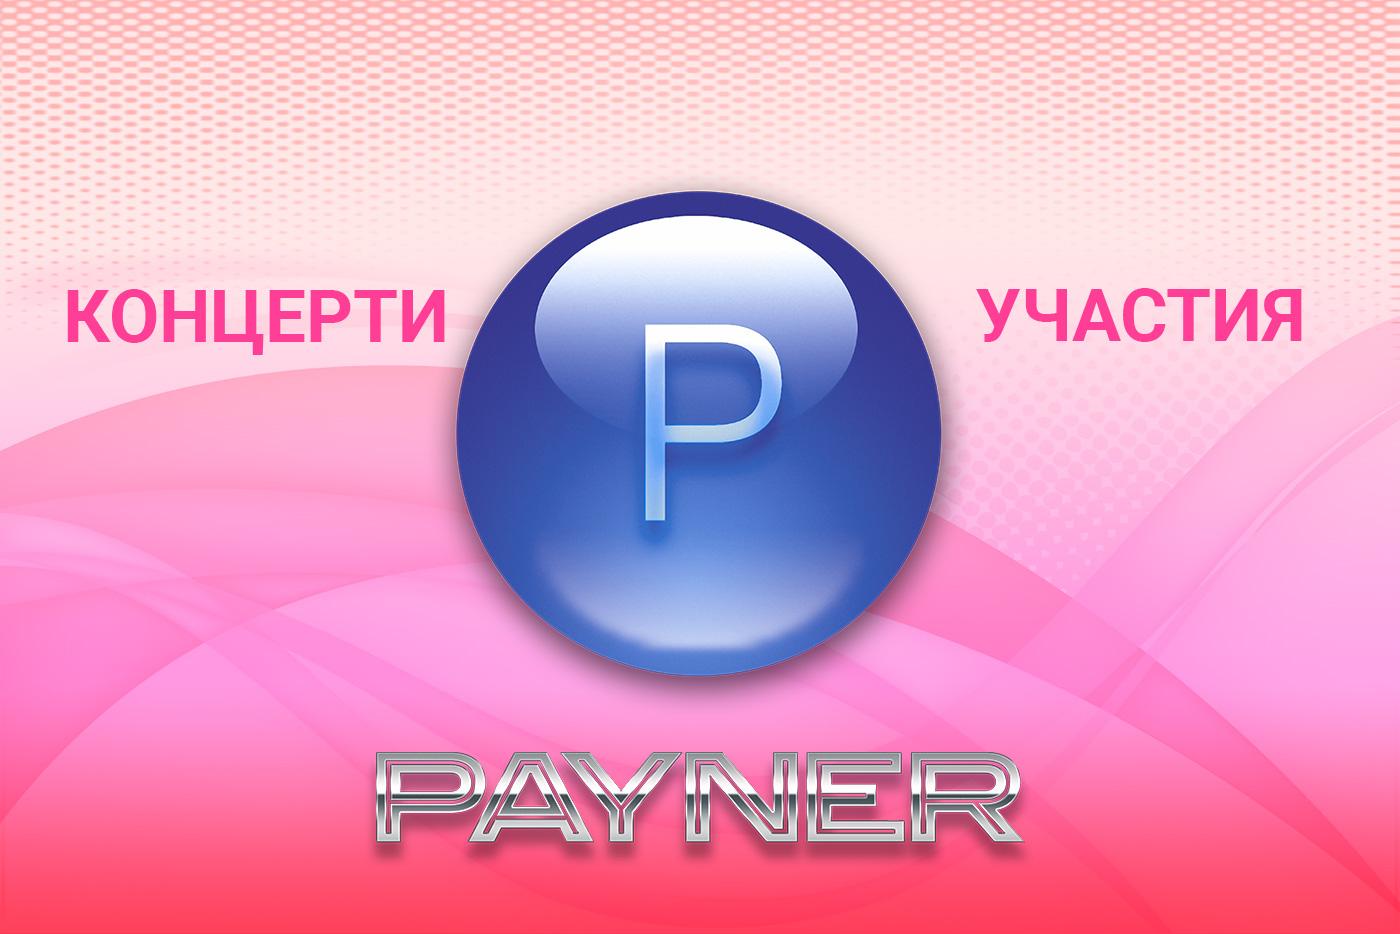 """Участия на звездите на """"Пайнер"""" на 13.08.2019"""